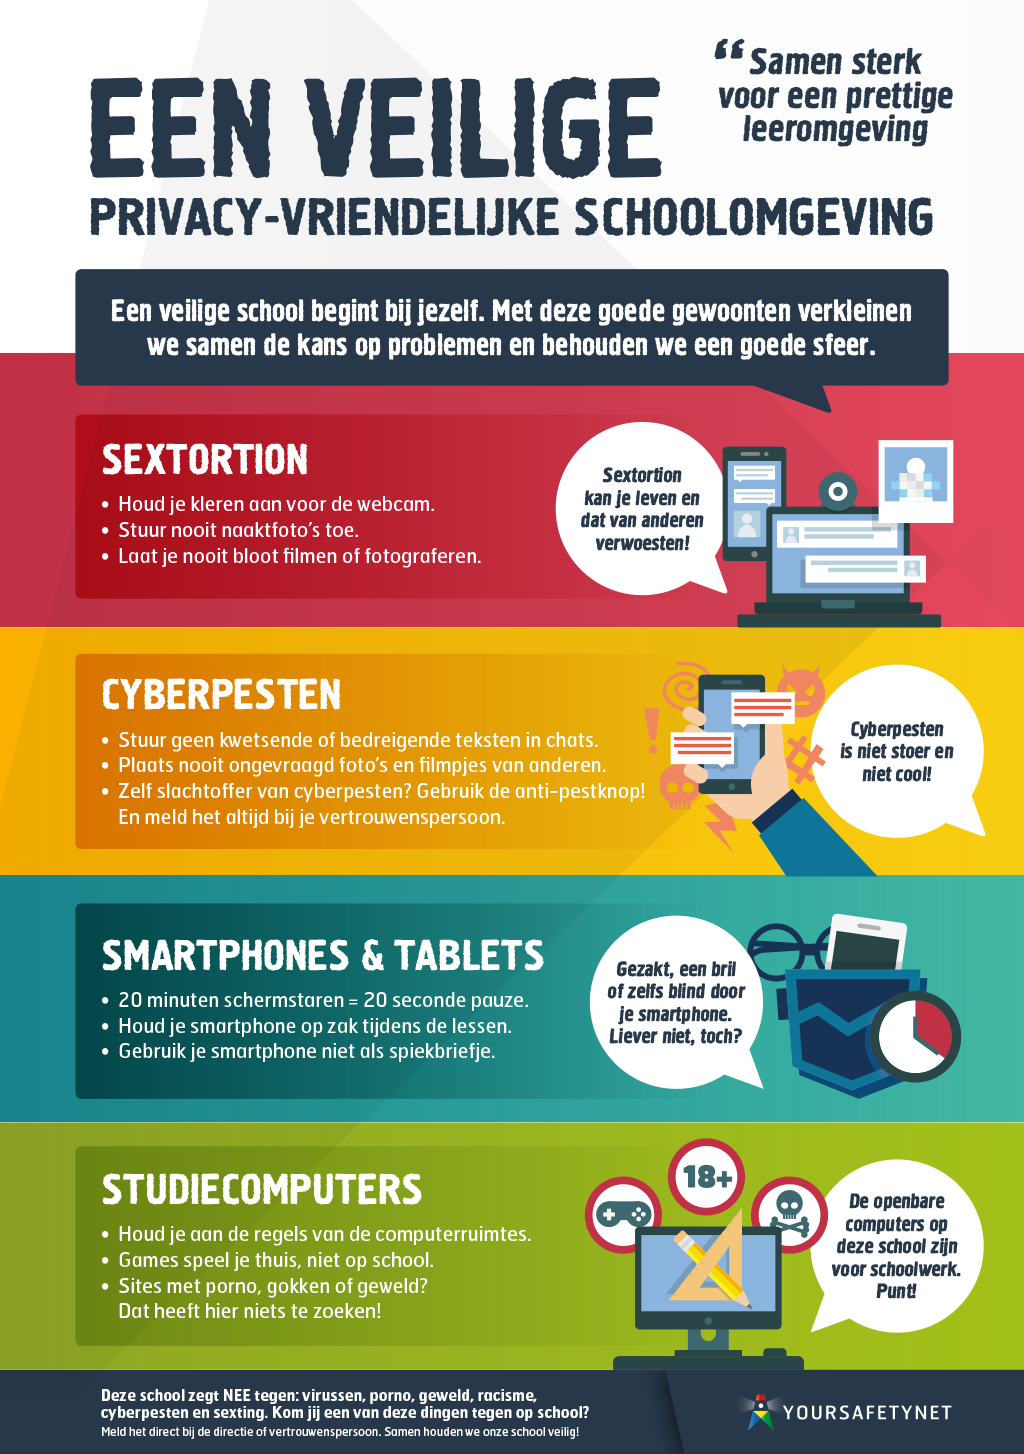 YourSafetynet Posters - Veilige schoolomgeving